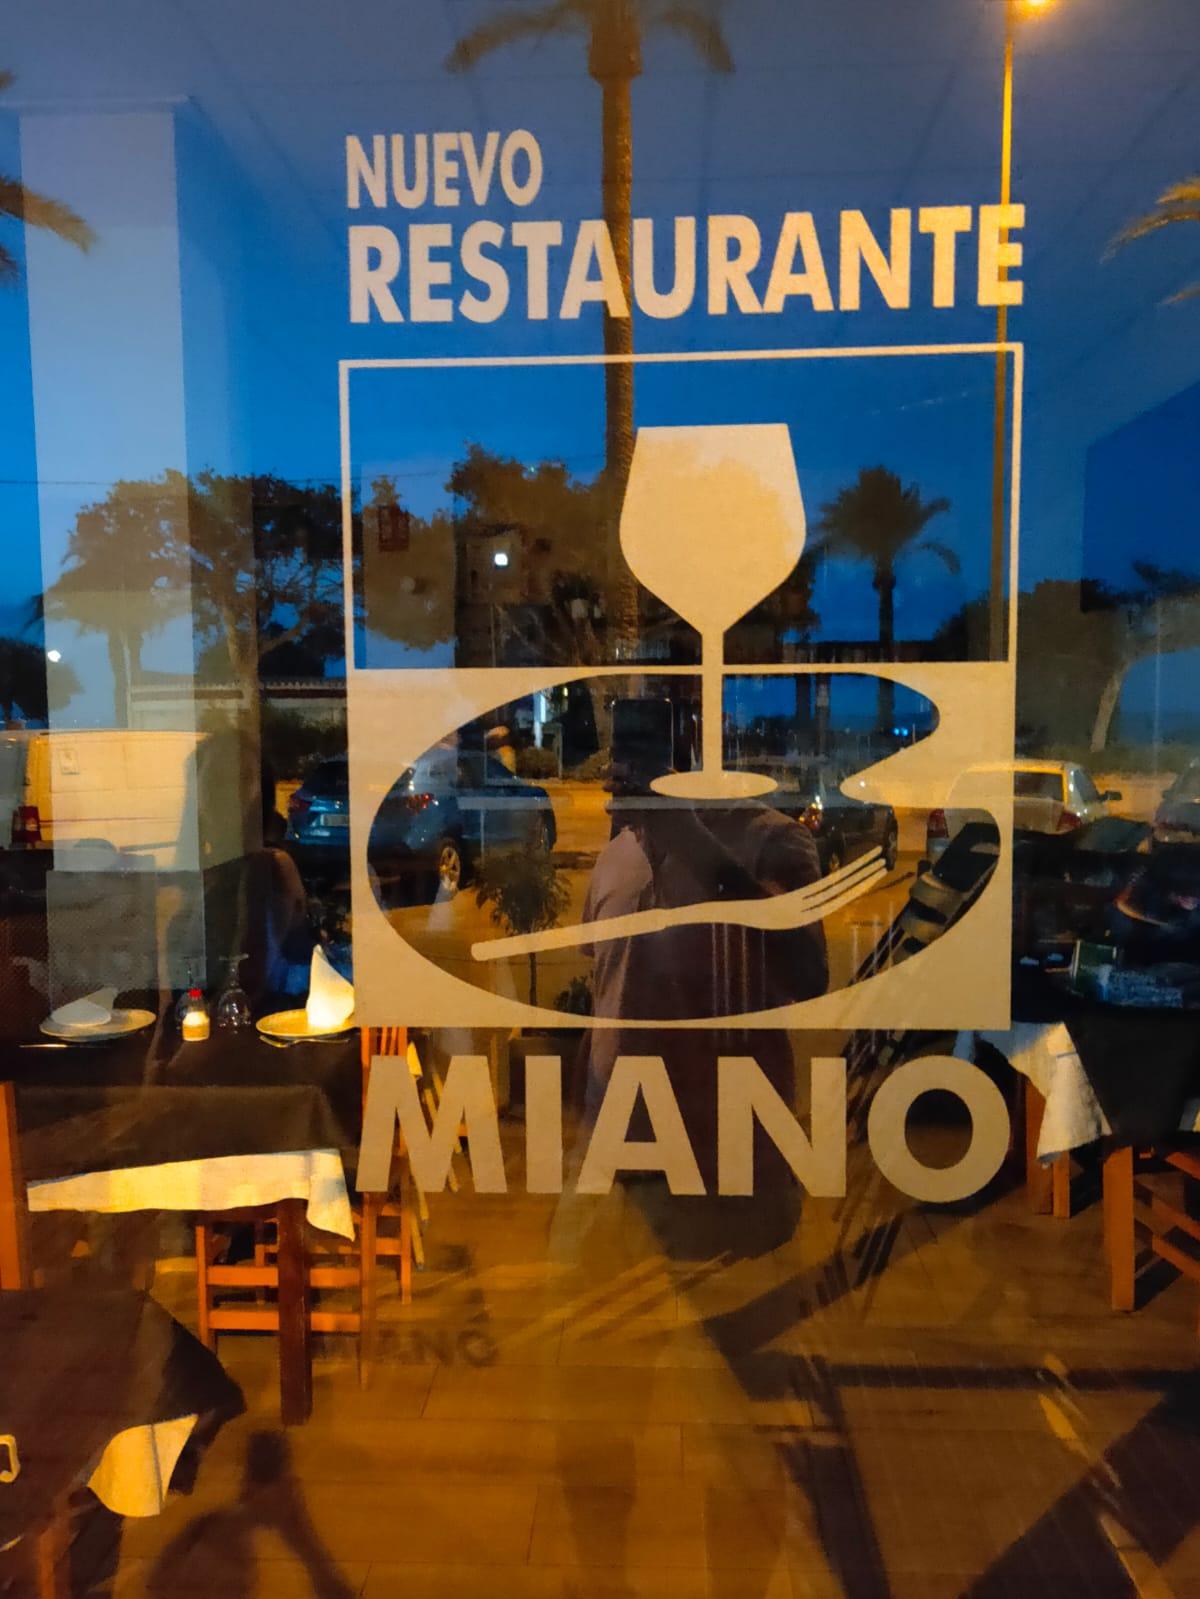 El sitio donde más les gusta comer a los millennials